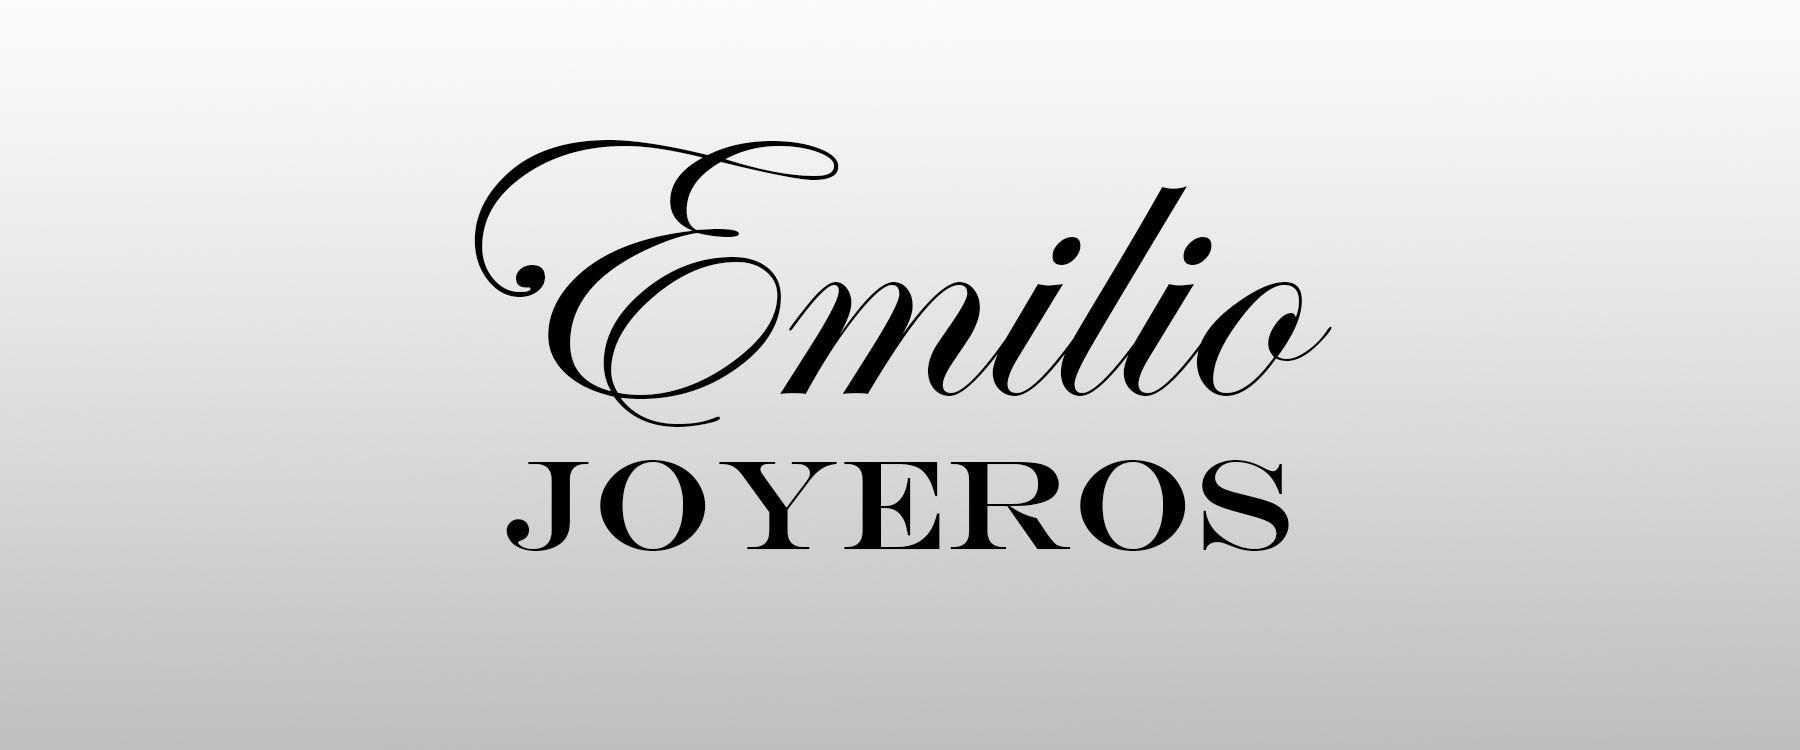 EMILIO JOYEROS